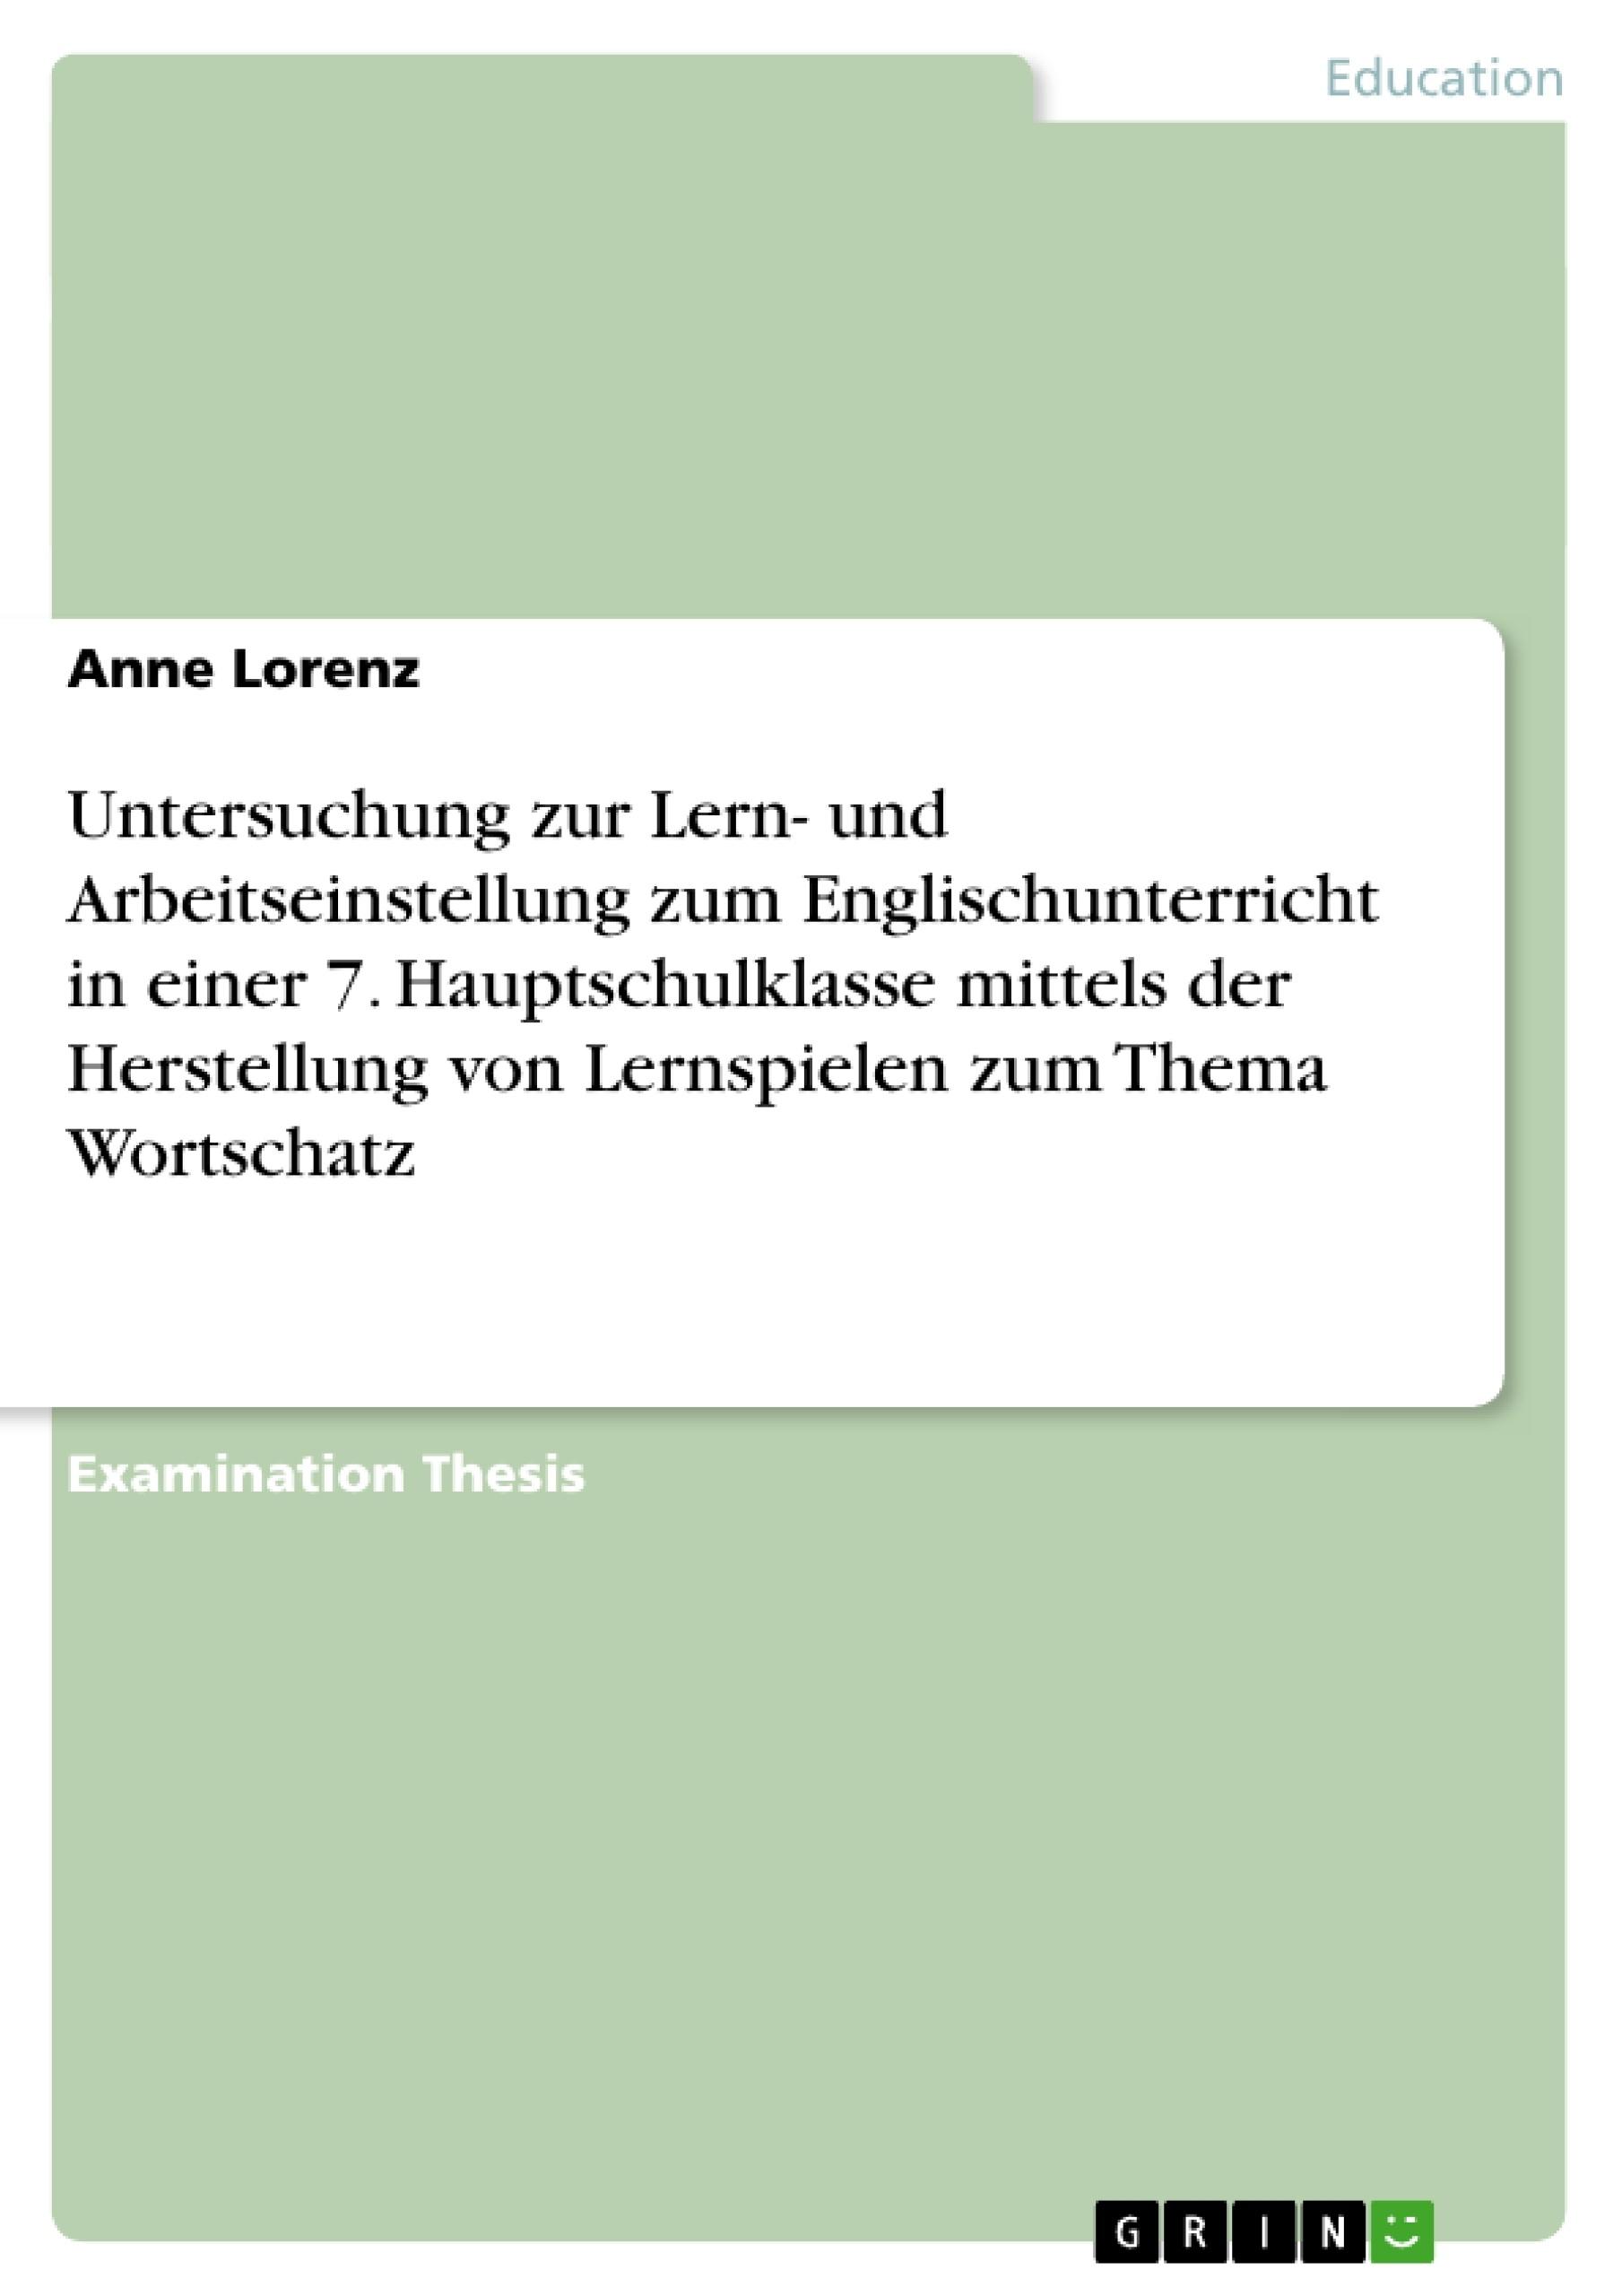 Untersuchung zur Lern- und Arbeitseinstellung zum ... | Publish your ...